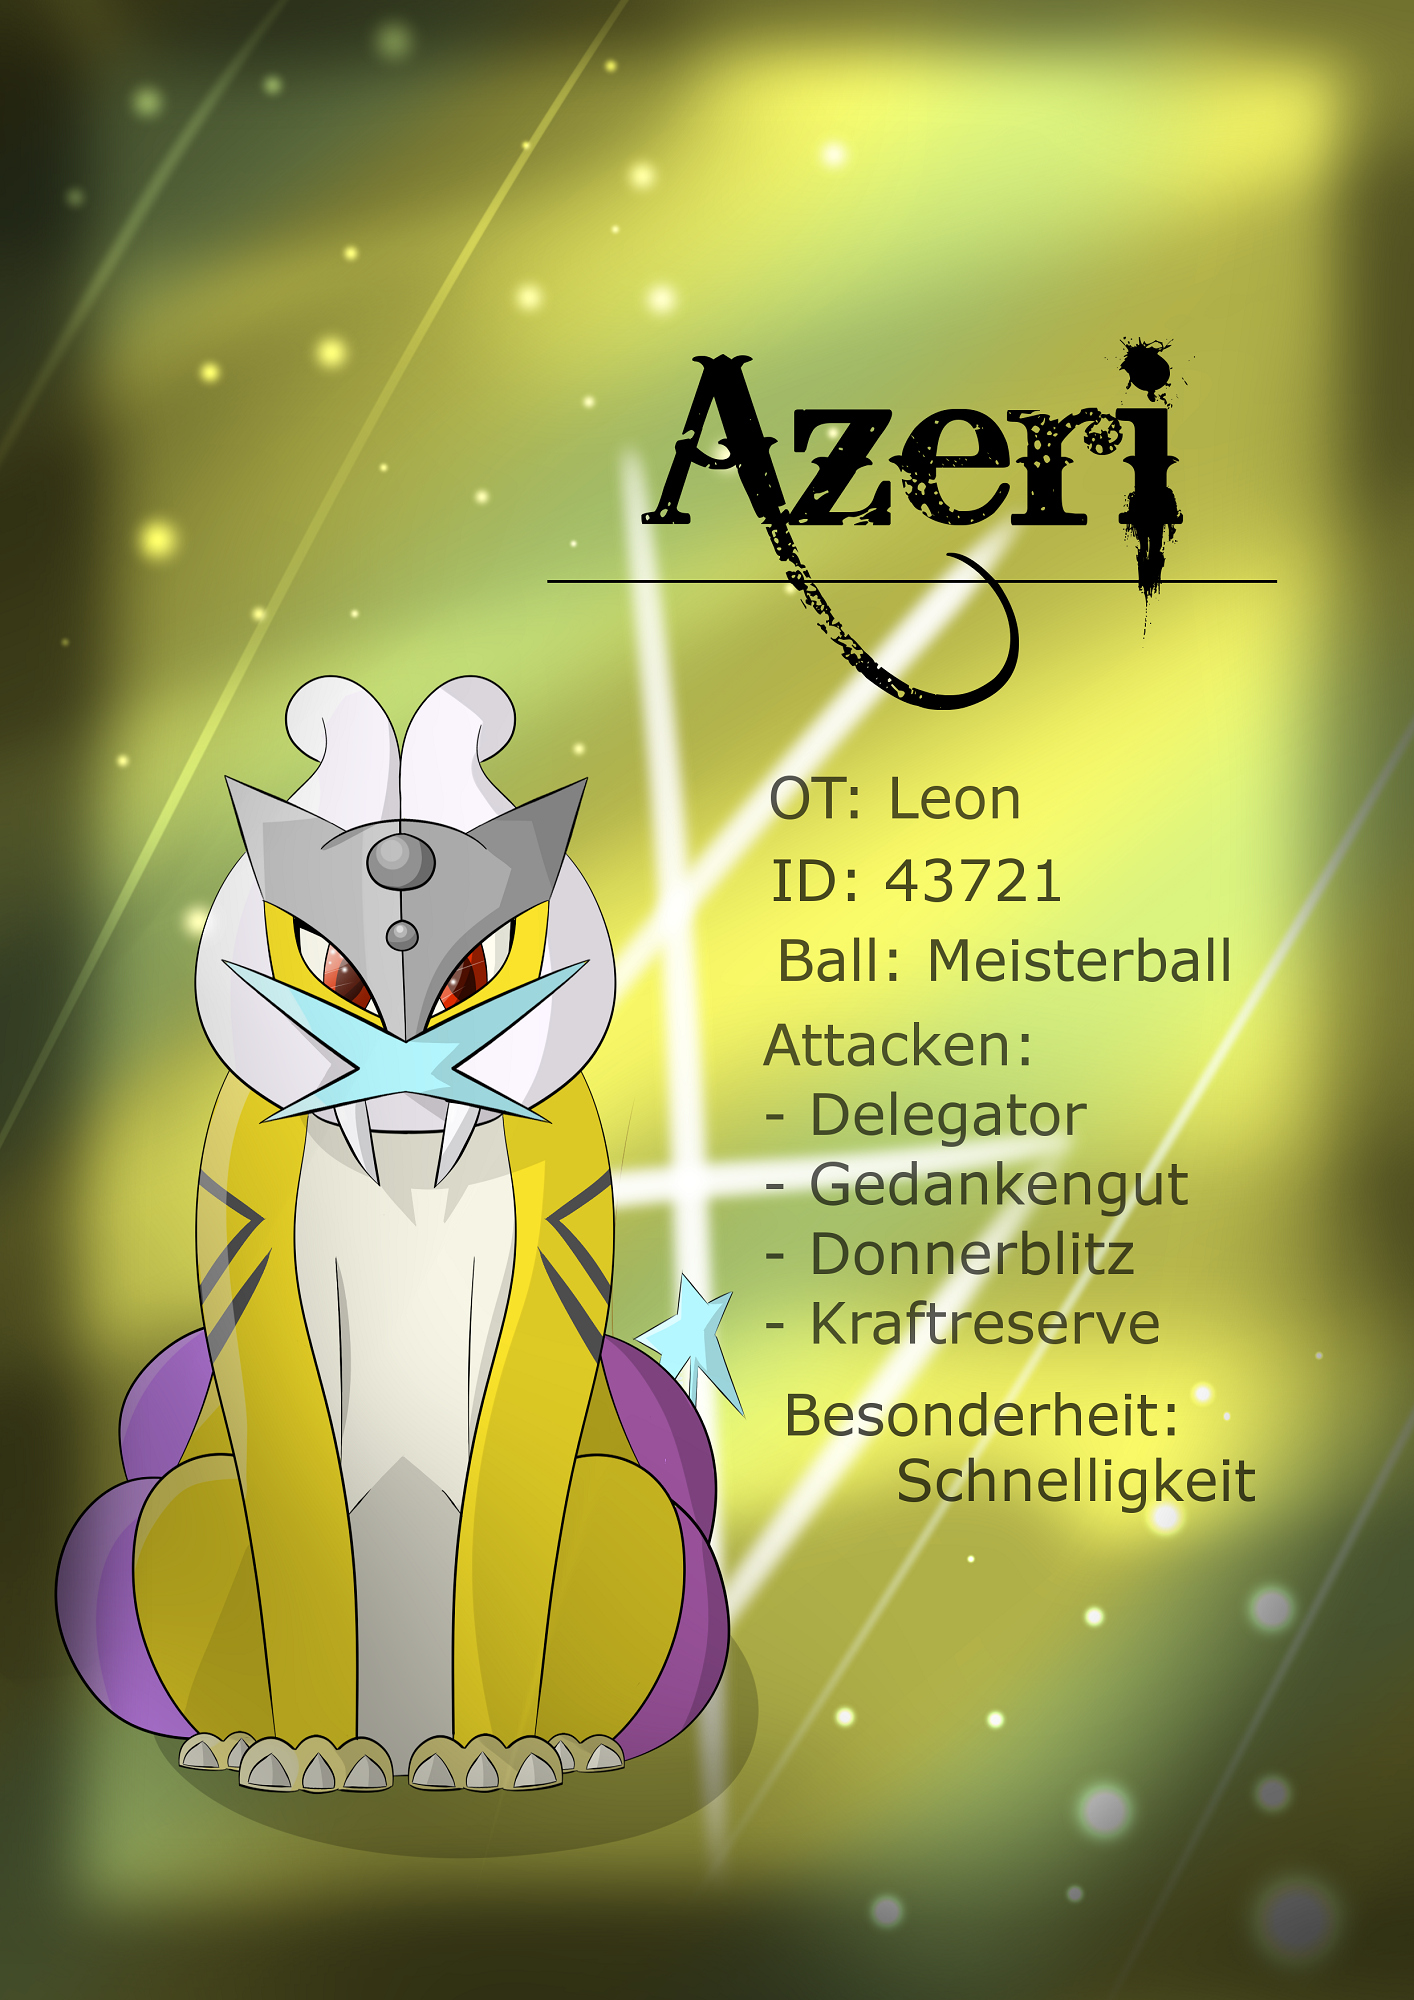 Pokémon-Zeichnung: Schatz 1: Azeri